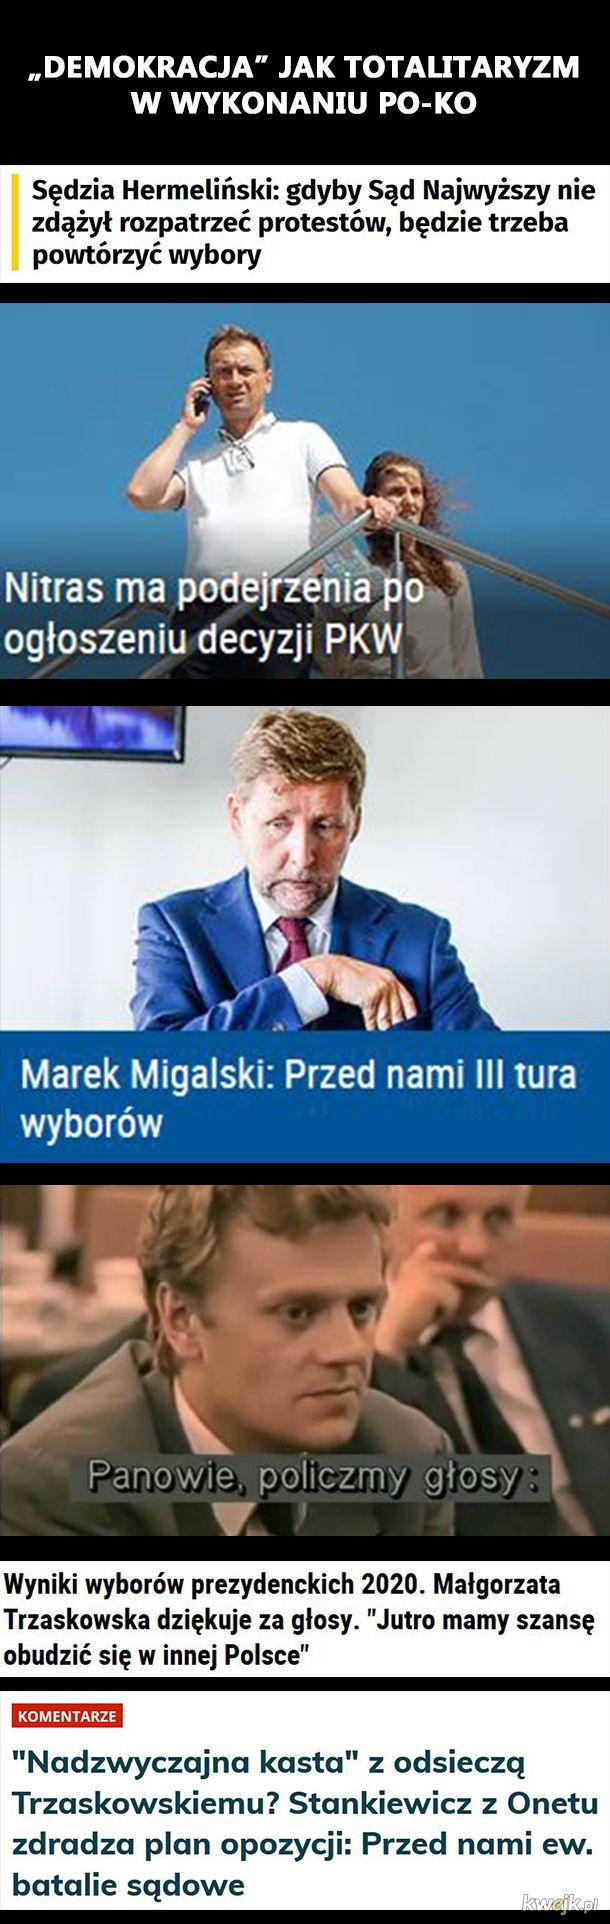 TOTALITARZM PO - KO